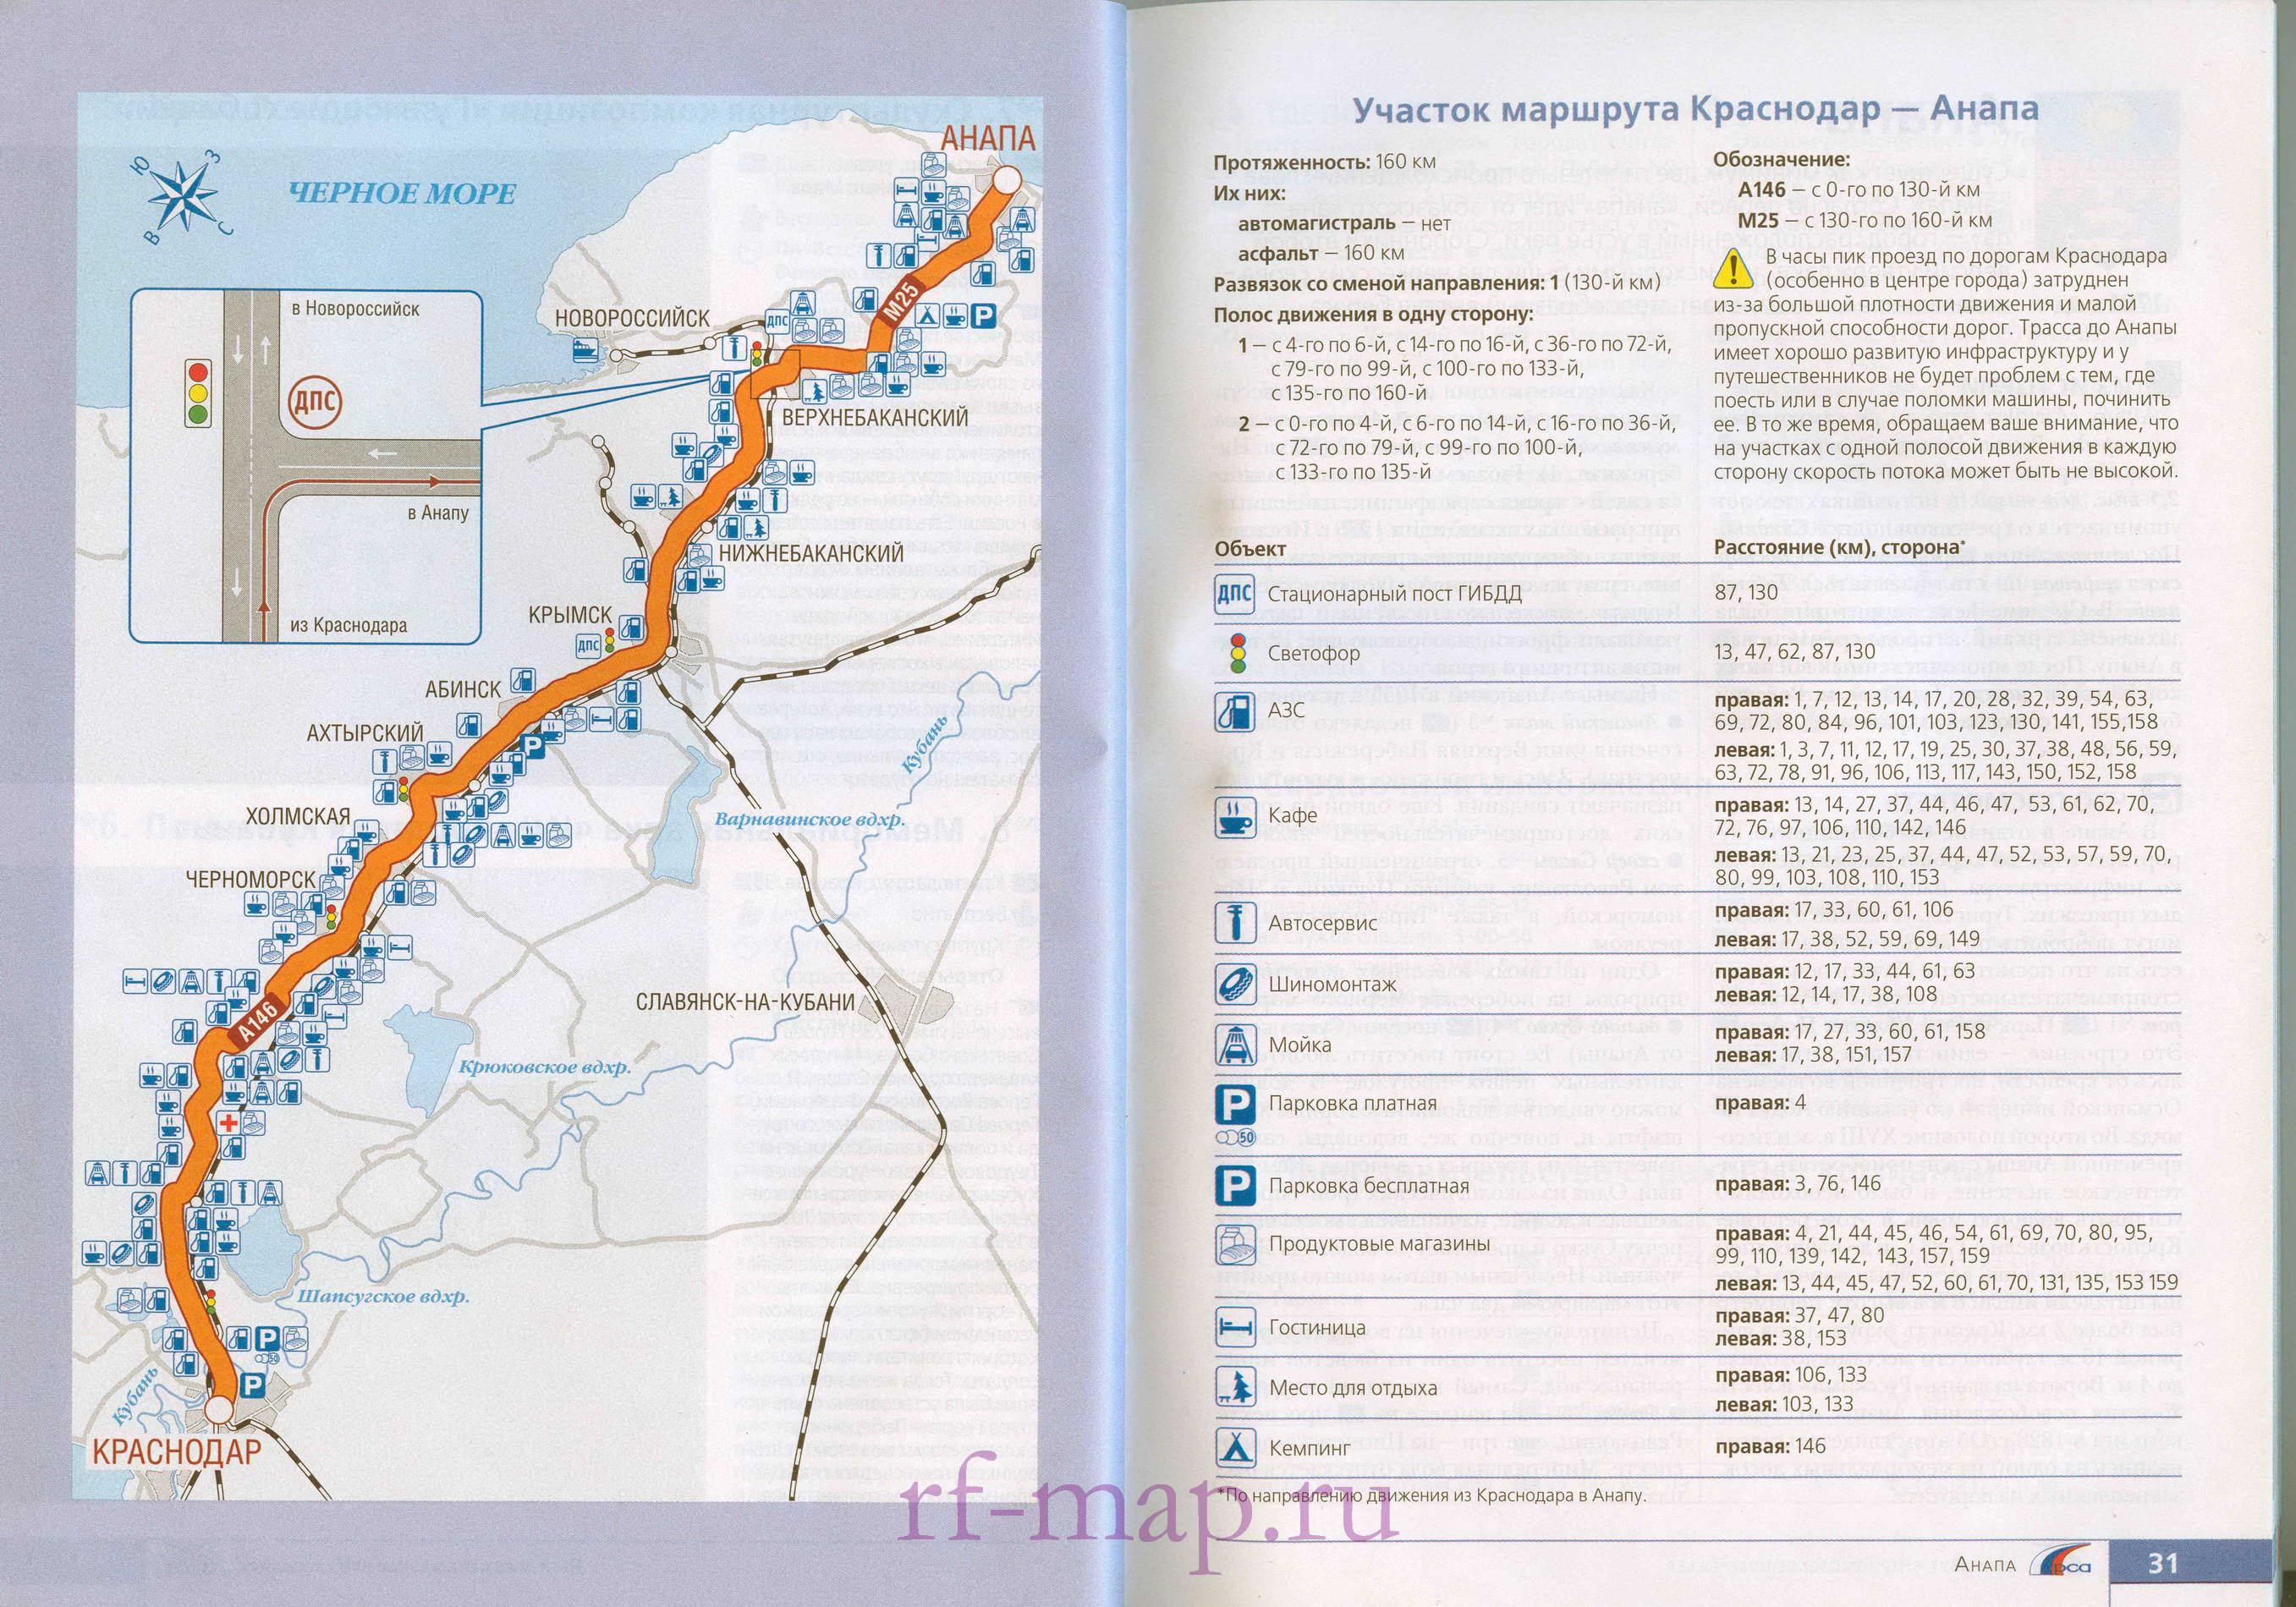 Подробная карта схема автомобильной дороги от Краснодара до Анапы.